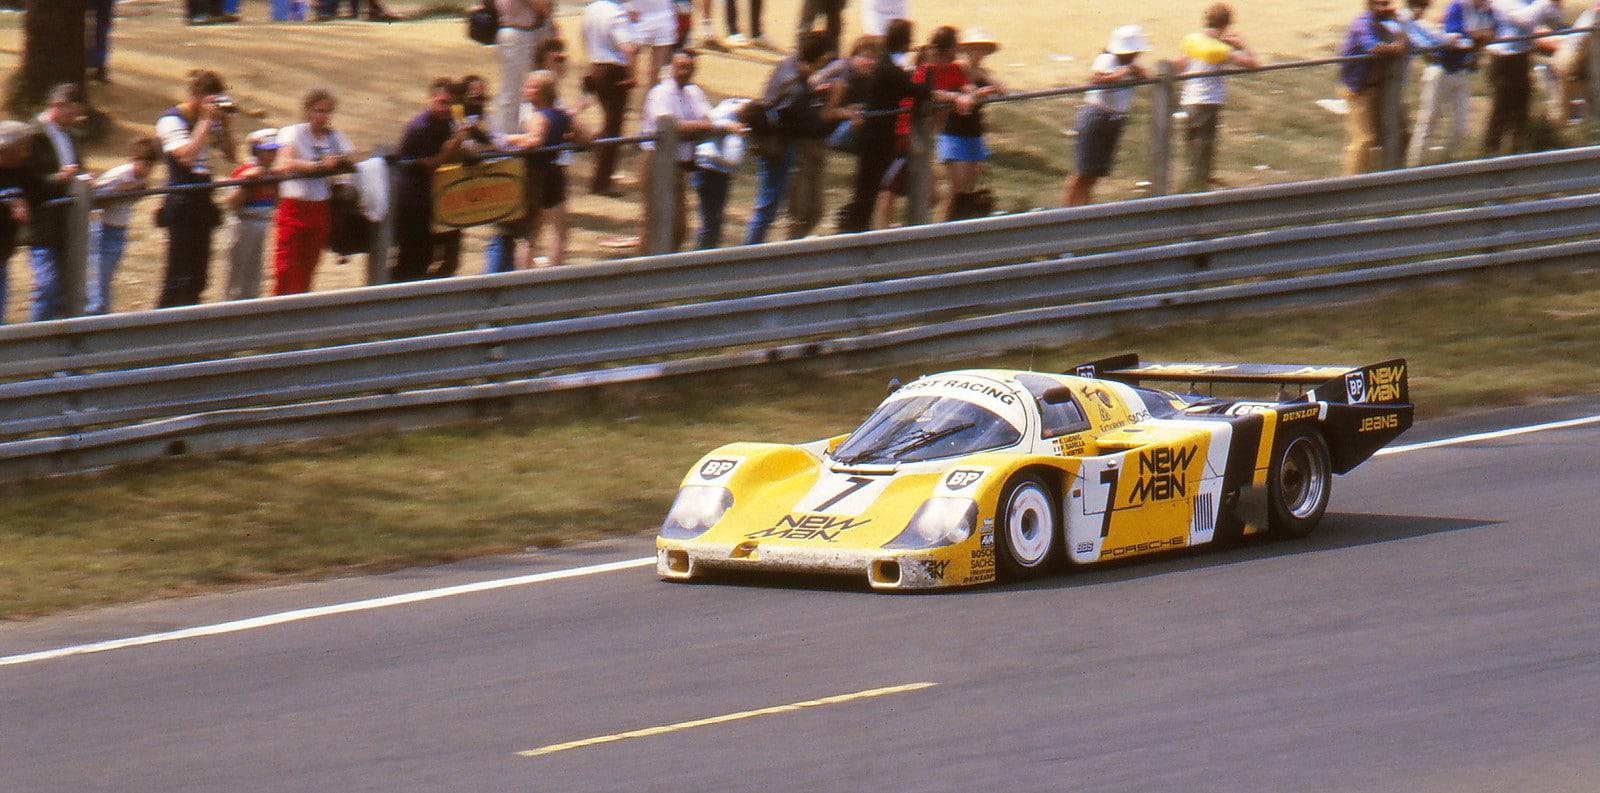 Le Mans 1985, Porsche vainqueur avec Joest